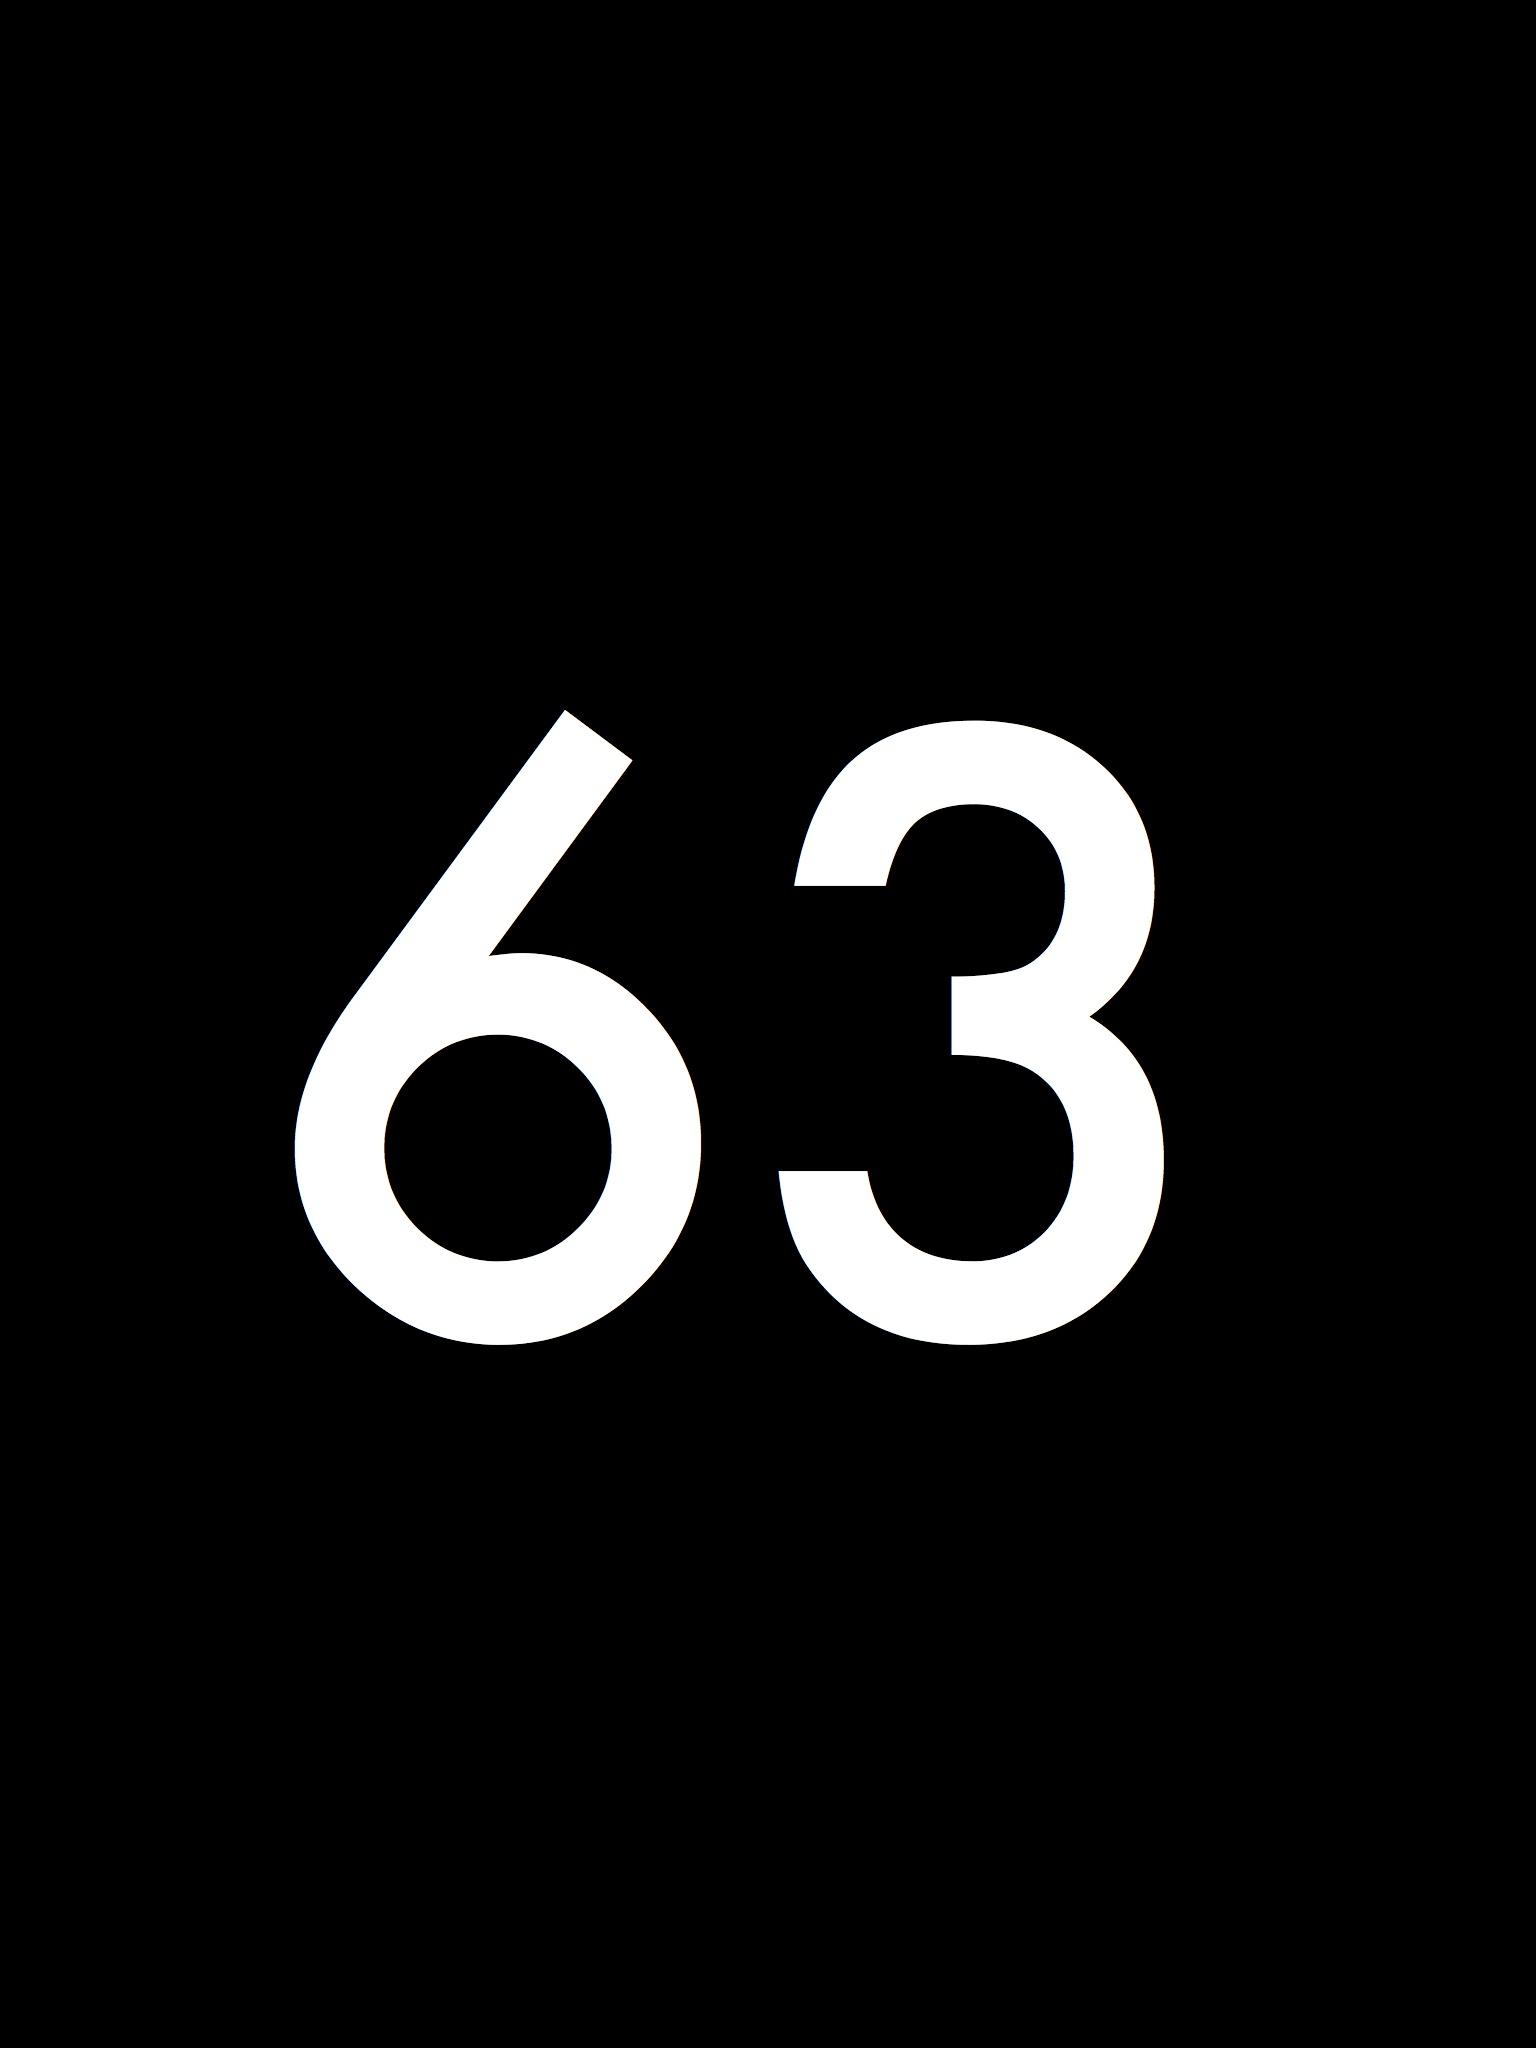 Black_Number.063.jpg